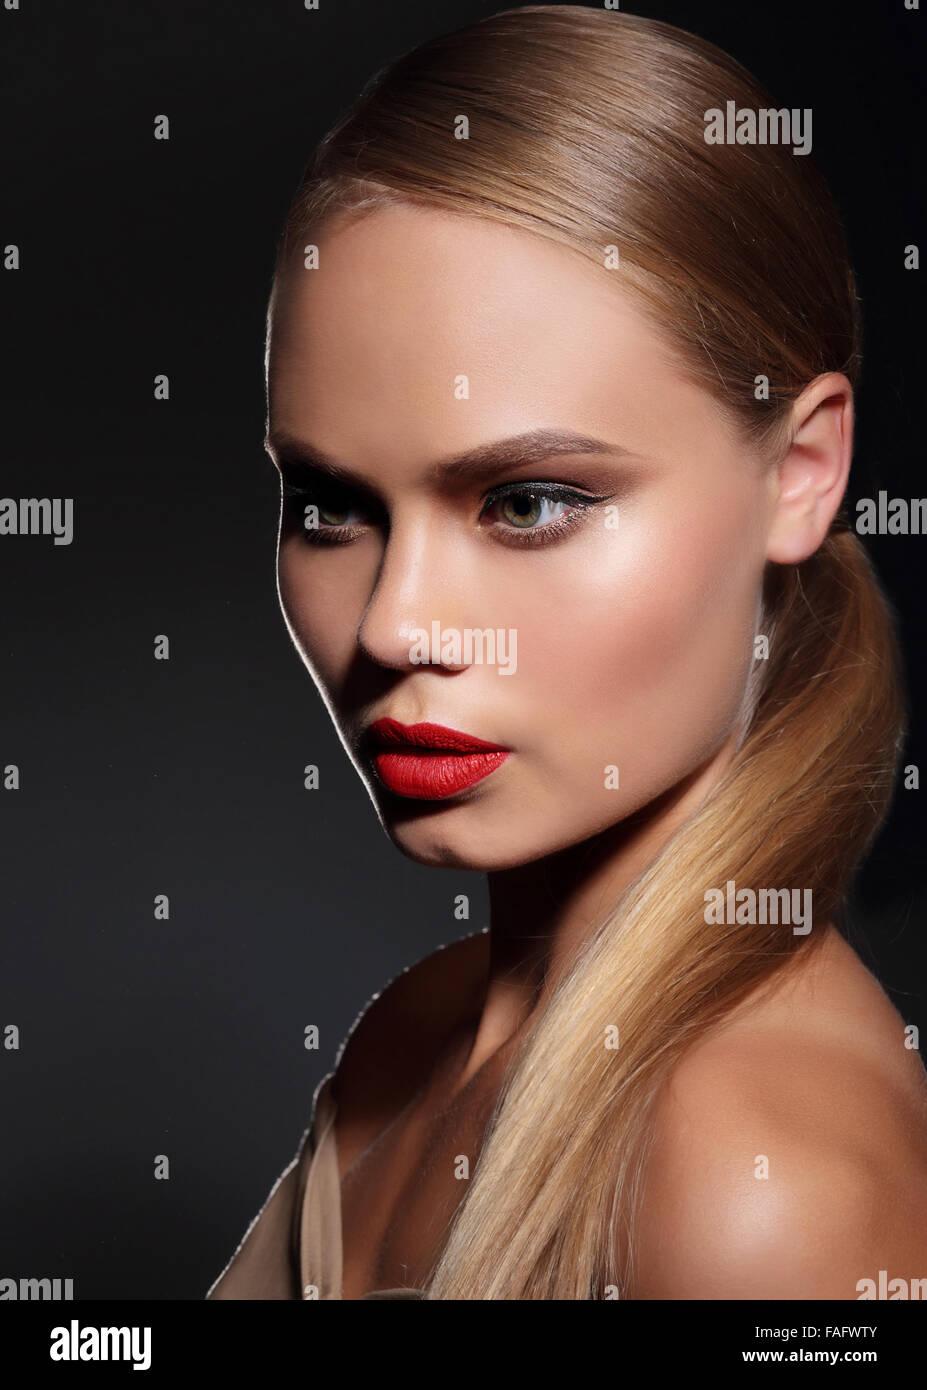 Jeune femme avec des cheveux raides et des lèvres rouges et sur un arrière-plan foncé. Portrait. Photo Stock